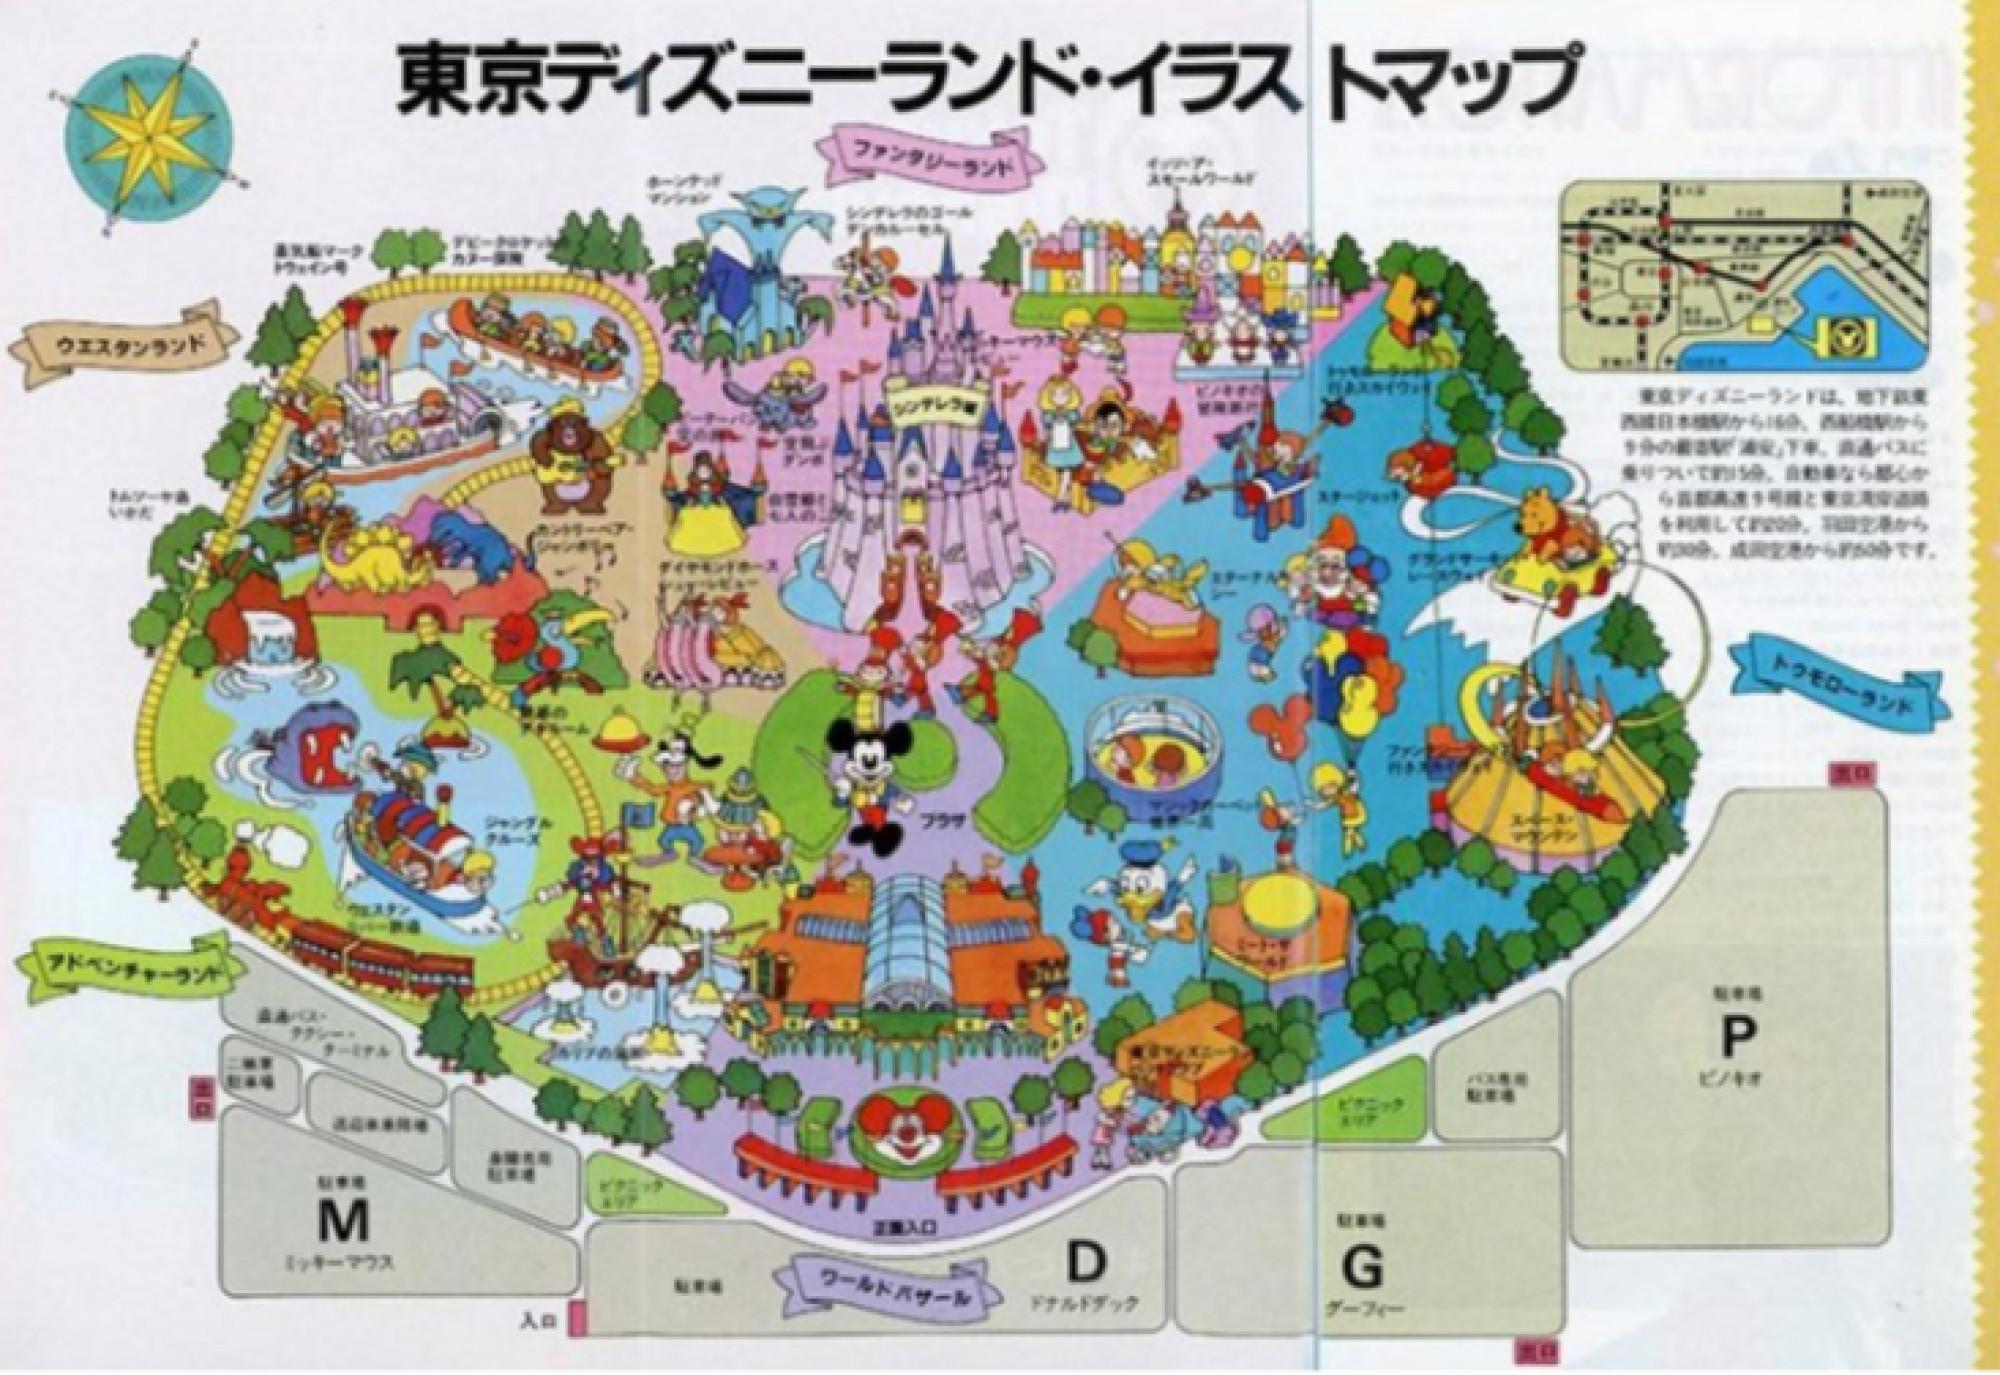 1983年のパークマップ